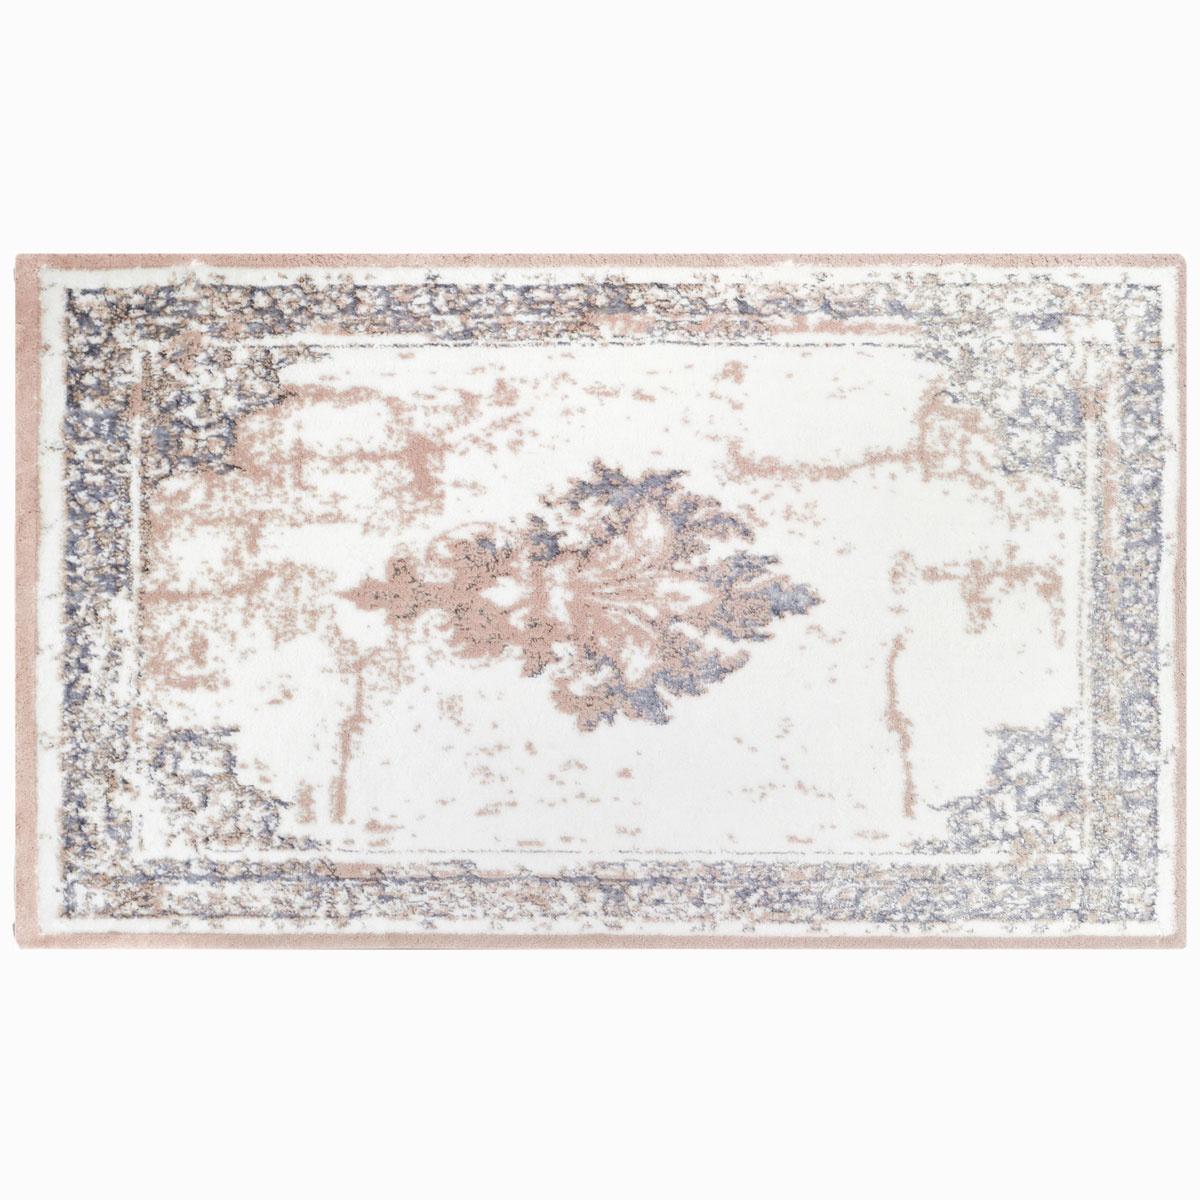 Коврик для ванной Arya home collection Rozzi, серый коврик arya 60х100 2 пр assos бирюзовый 1126860